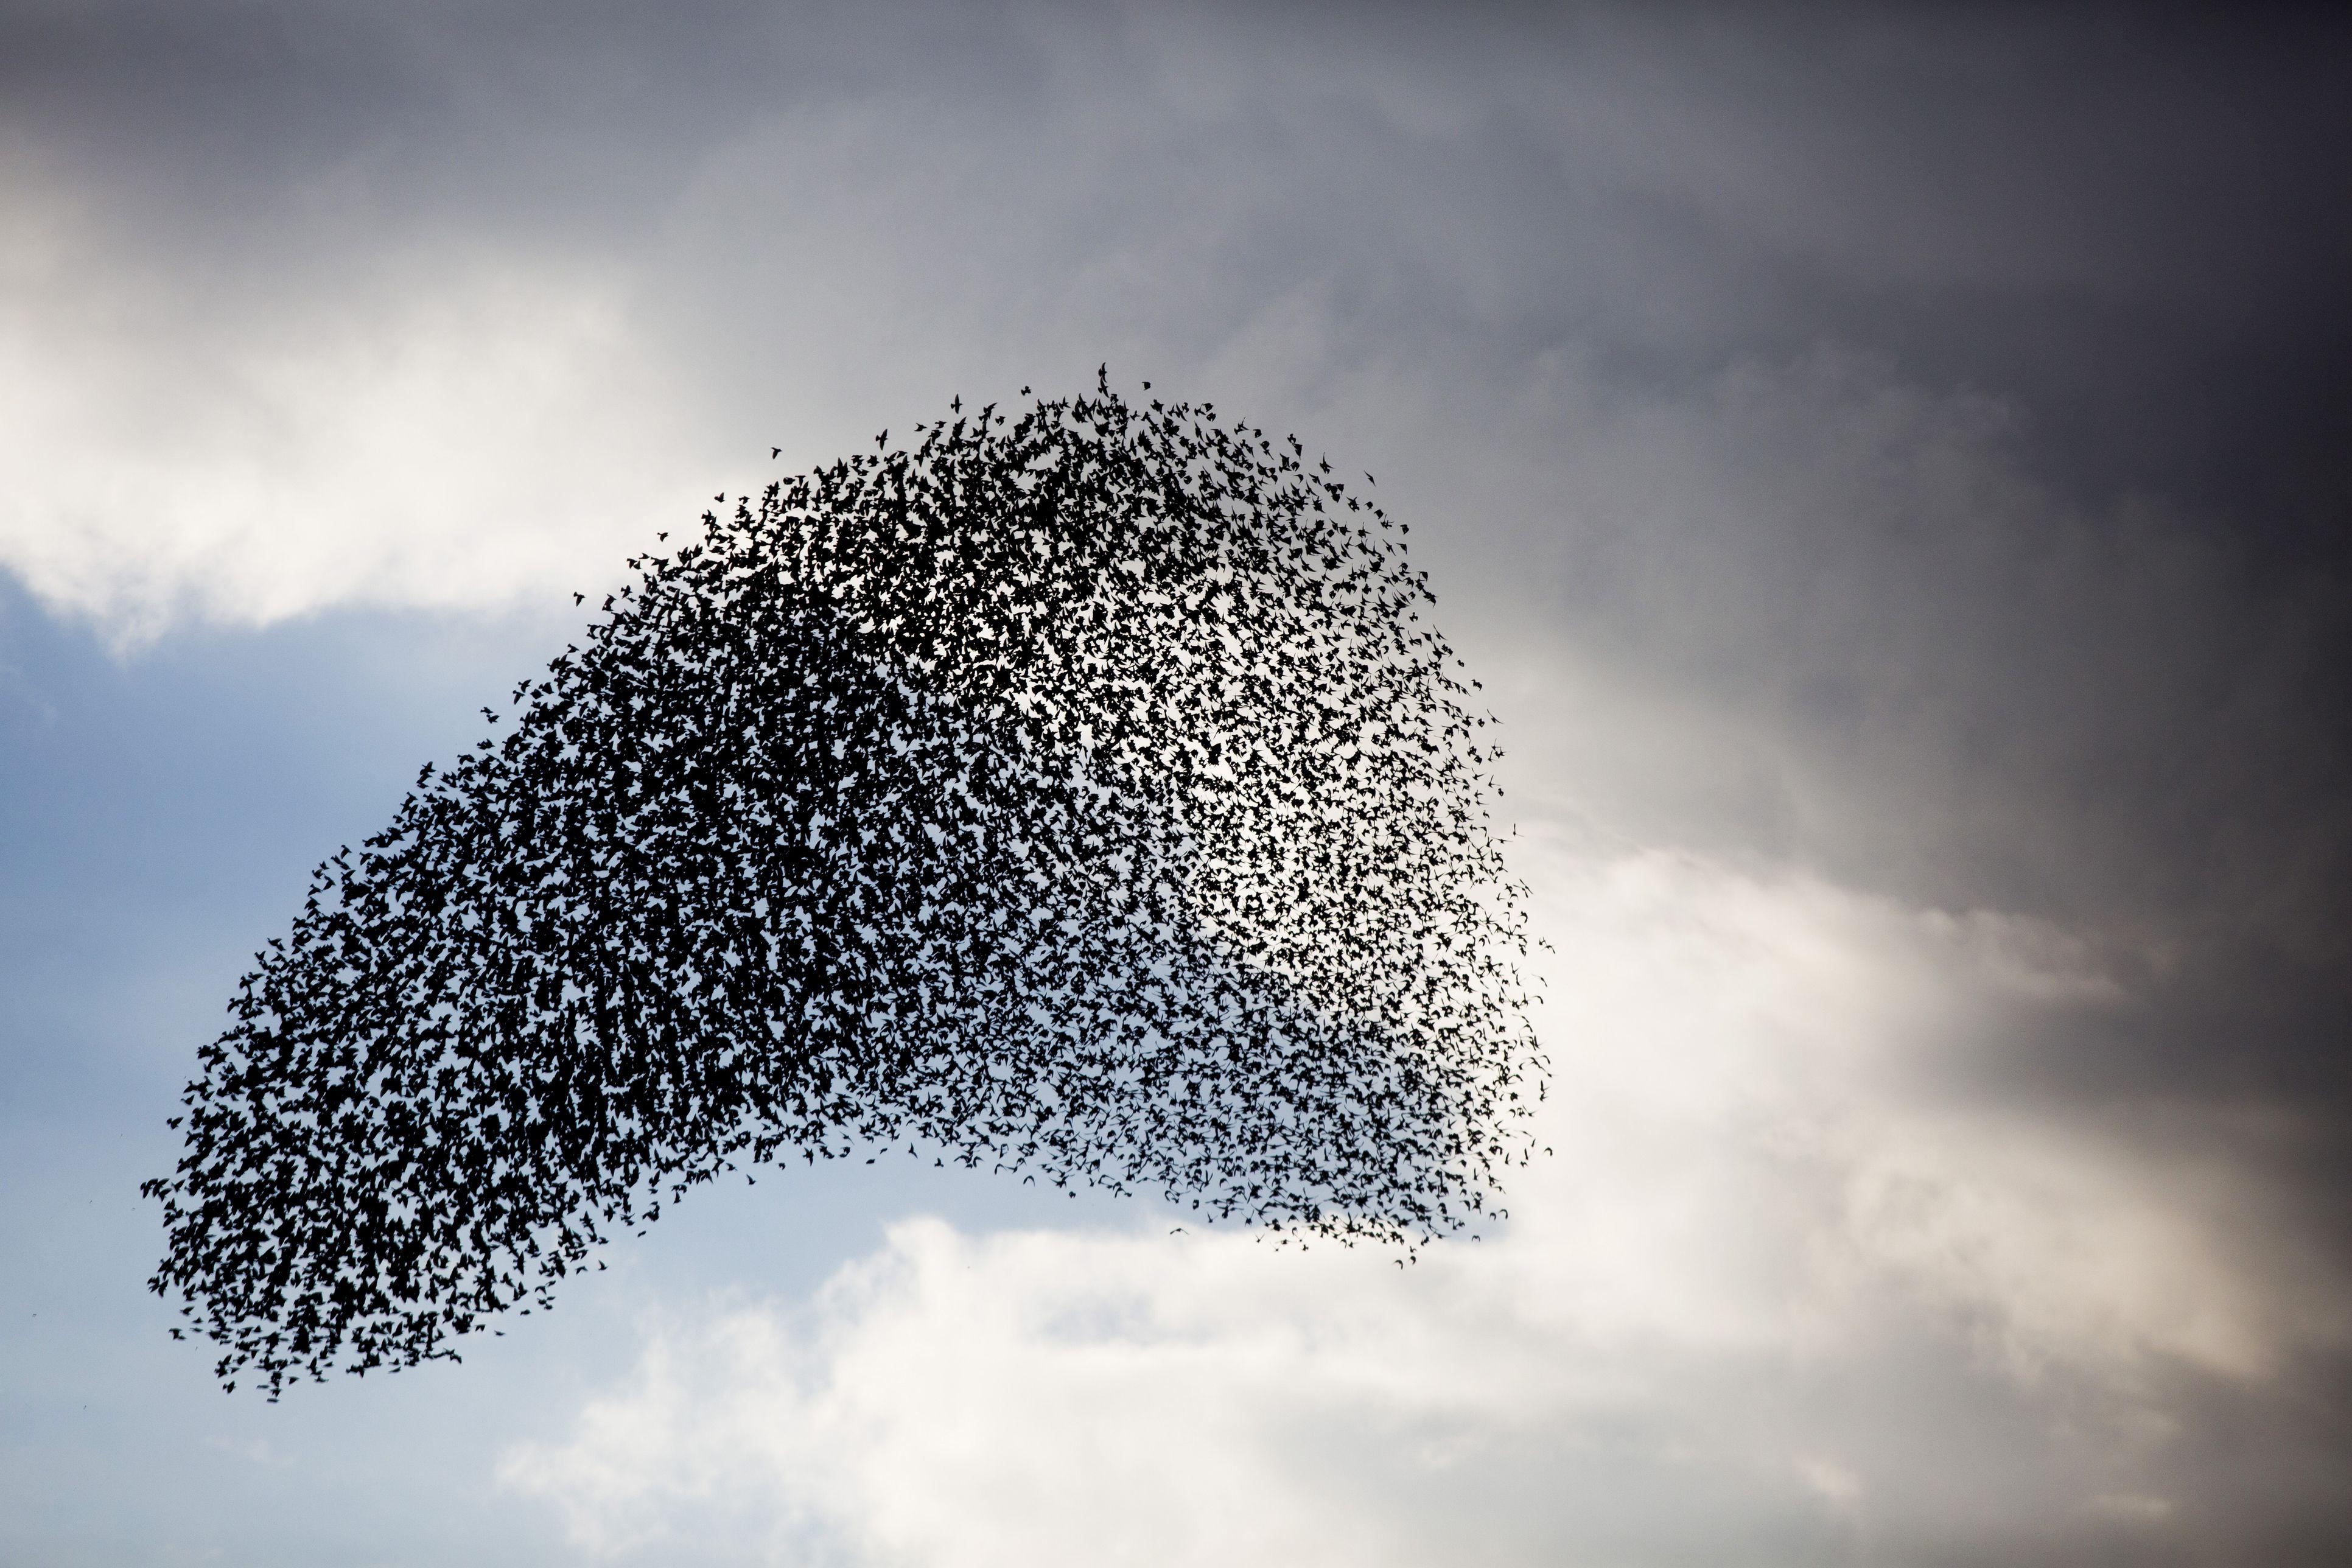 Large murmuration of starlings